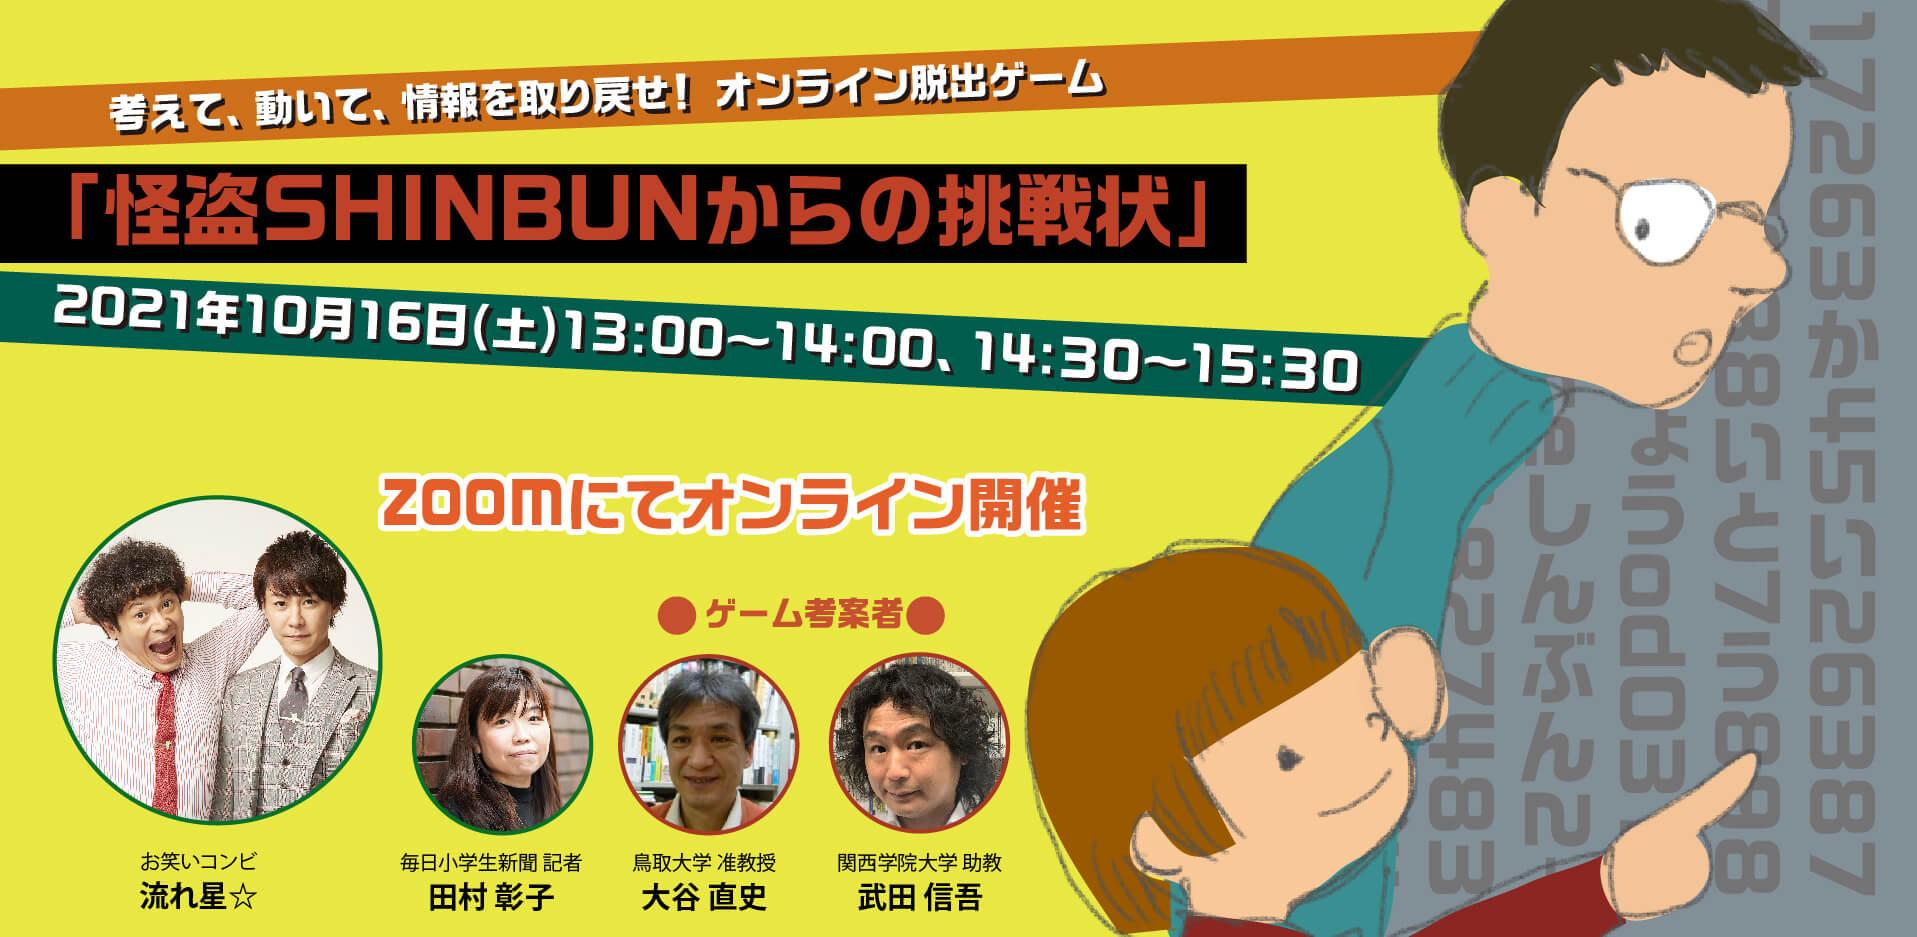 新聞で謎解きゲーム!『考えて、動いて、情報を取り戻せ!「怪盗SHINBUNからの挑戦状」』オンライン